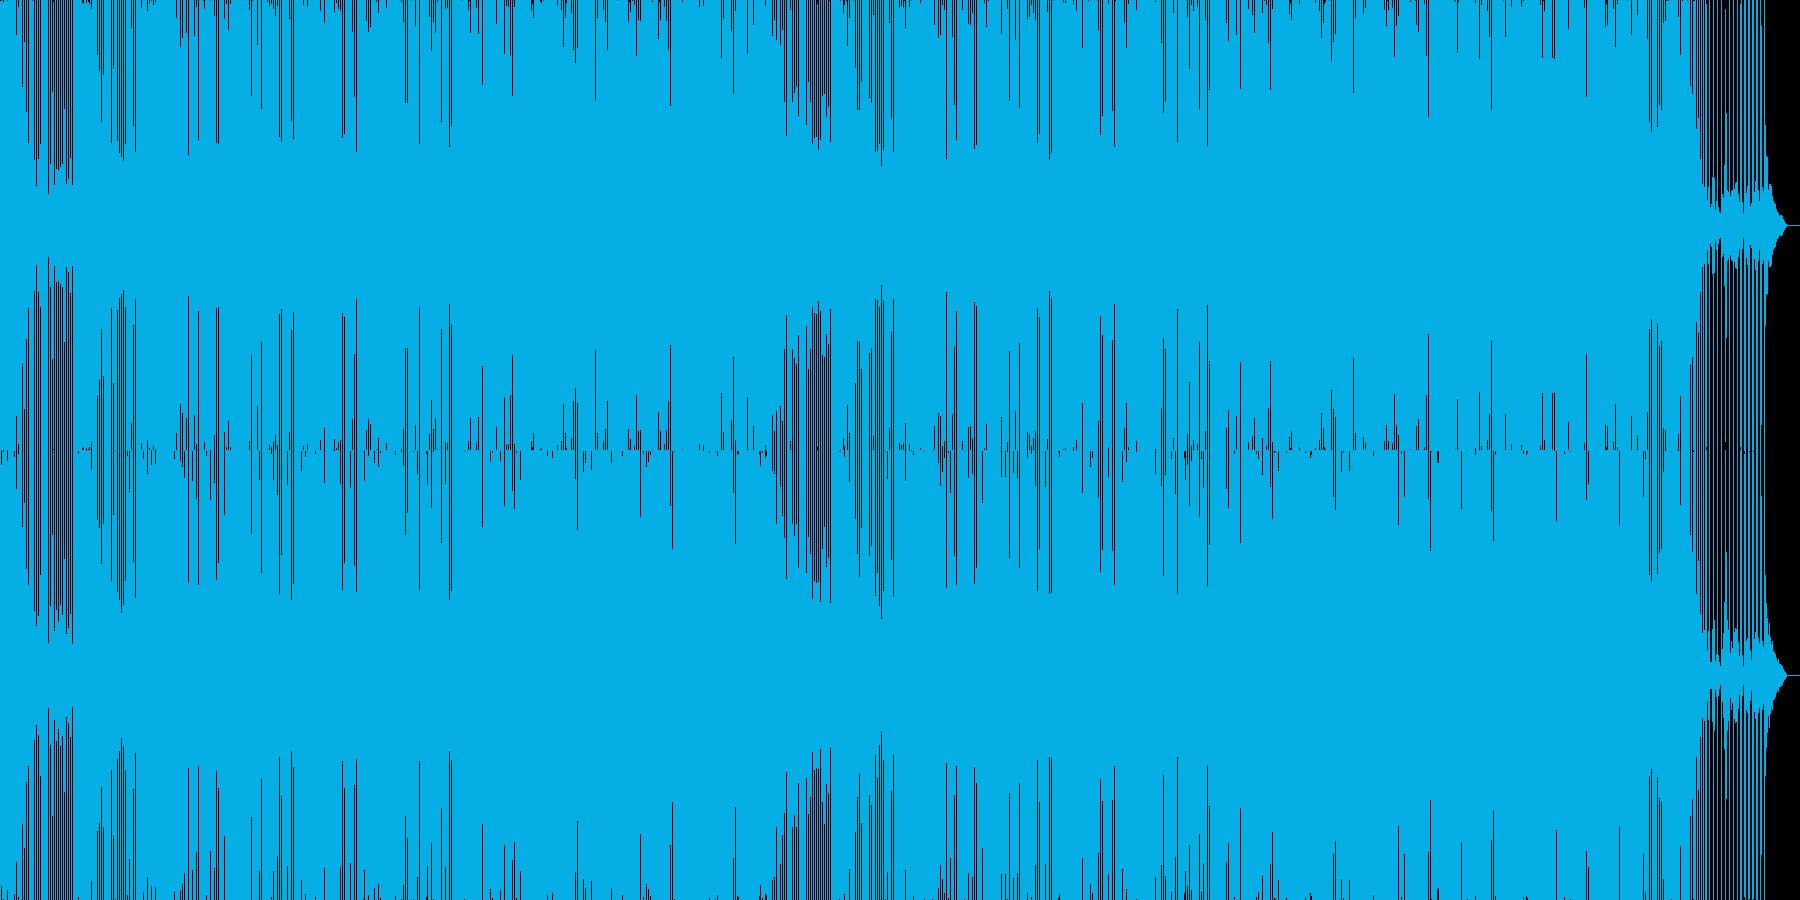 温かみのあるエレクトロニックミュージックの再生済みの波形